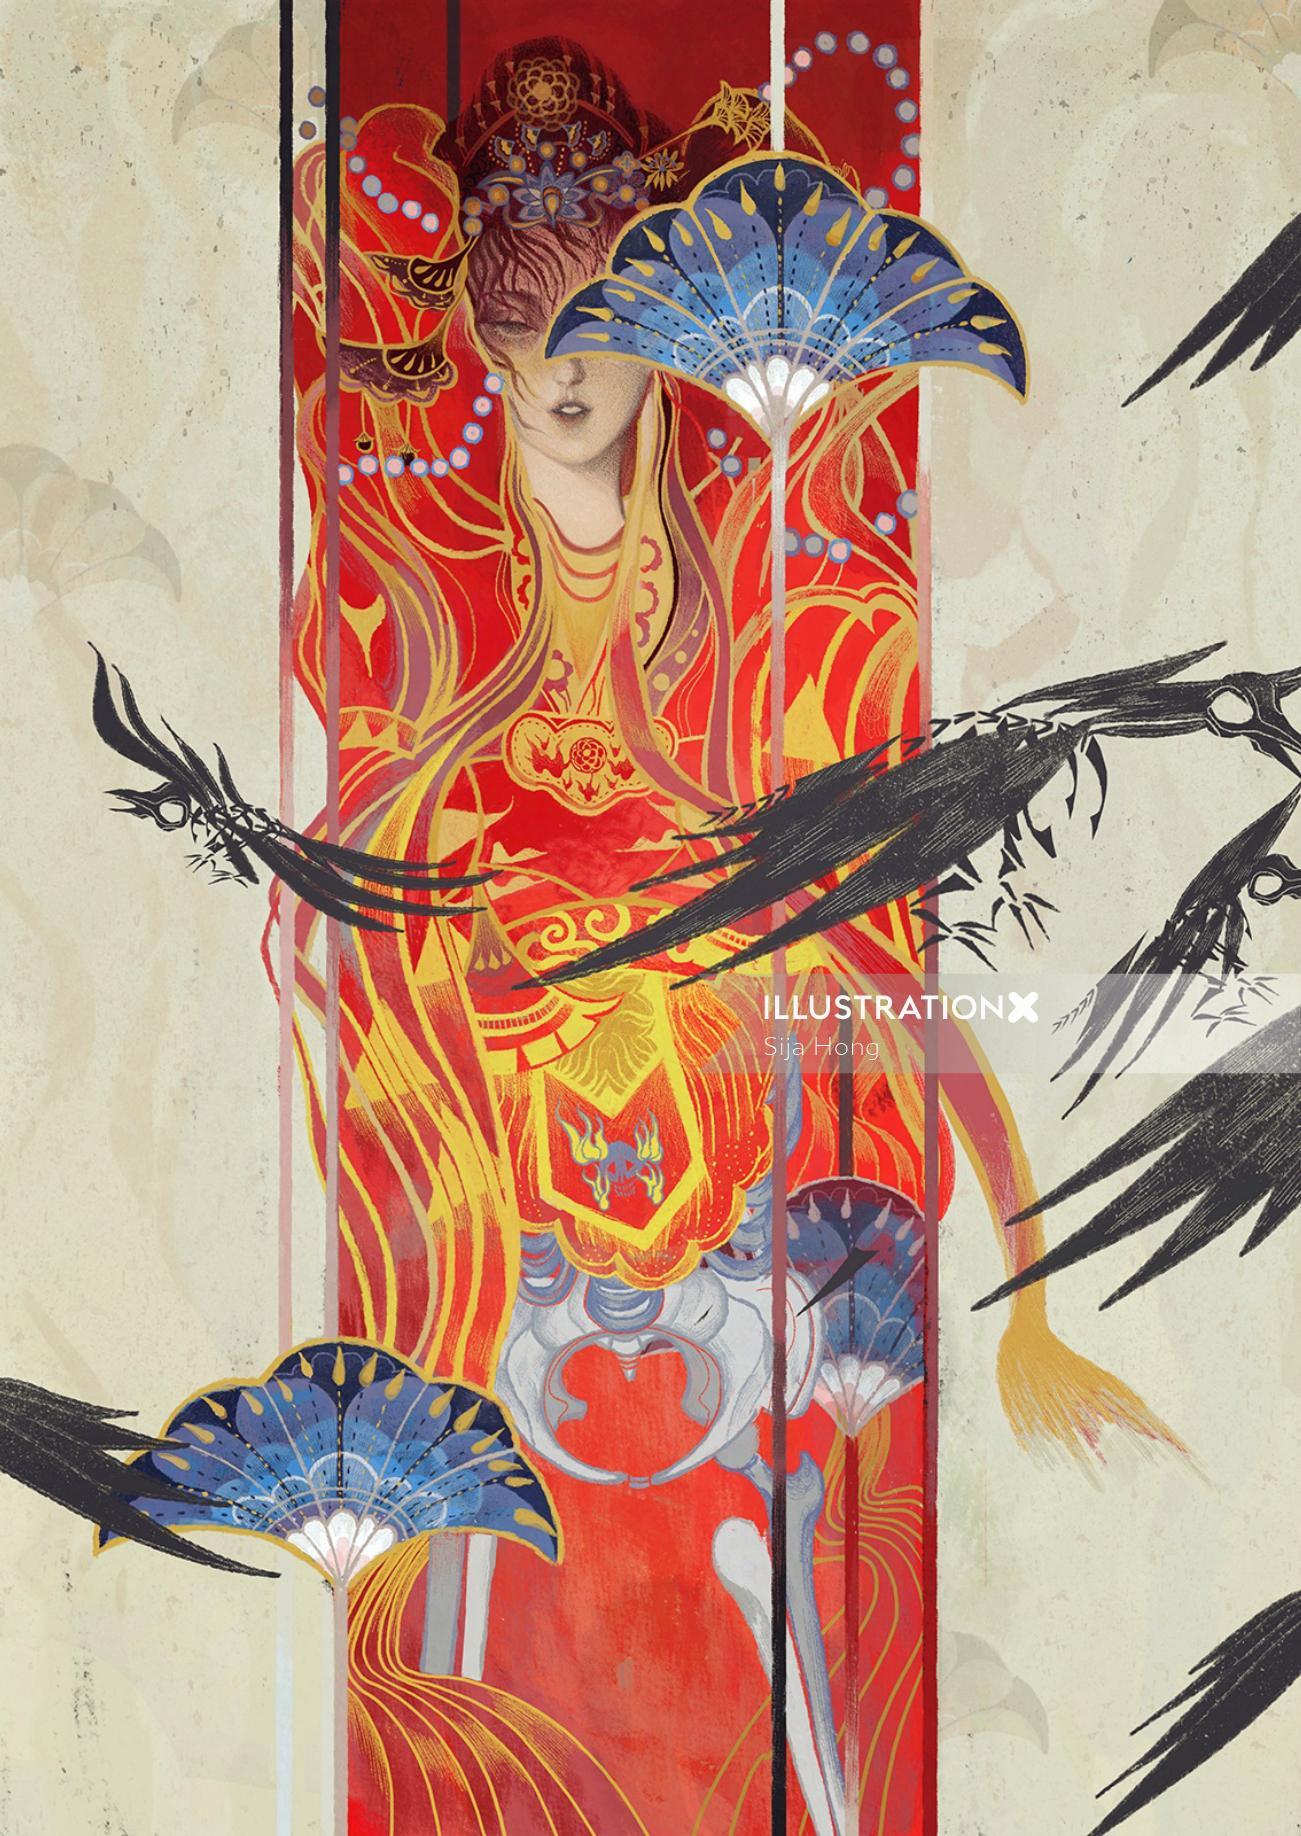 Fantasy woman and bird art by Sija Hong